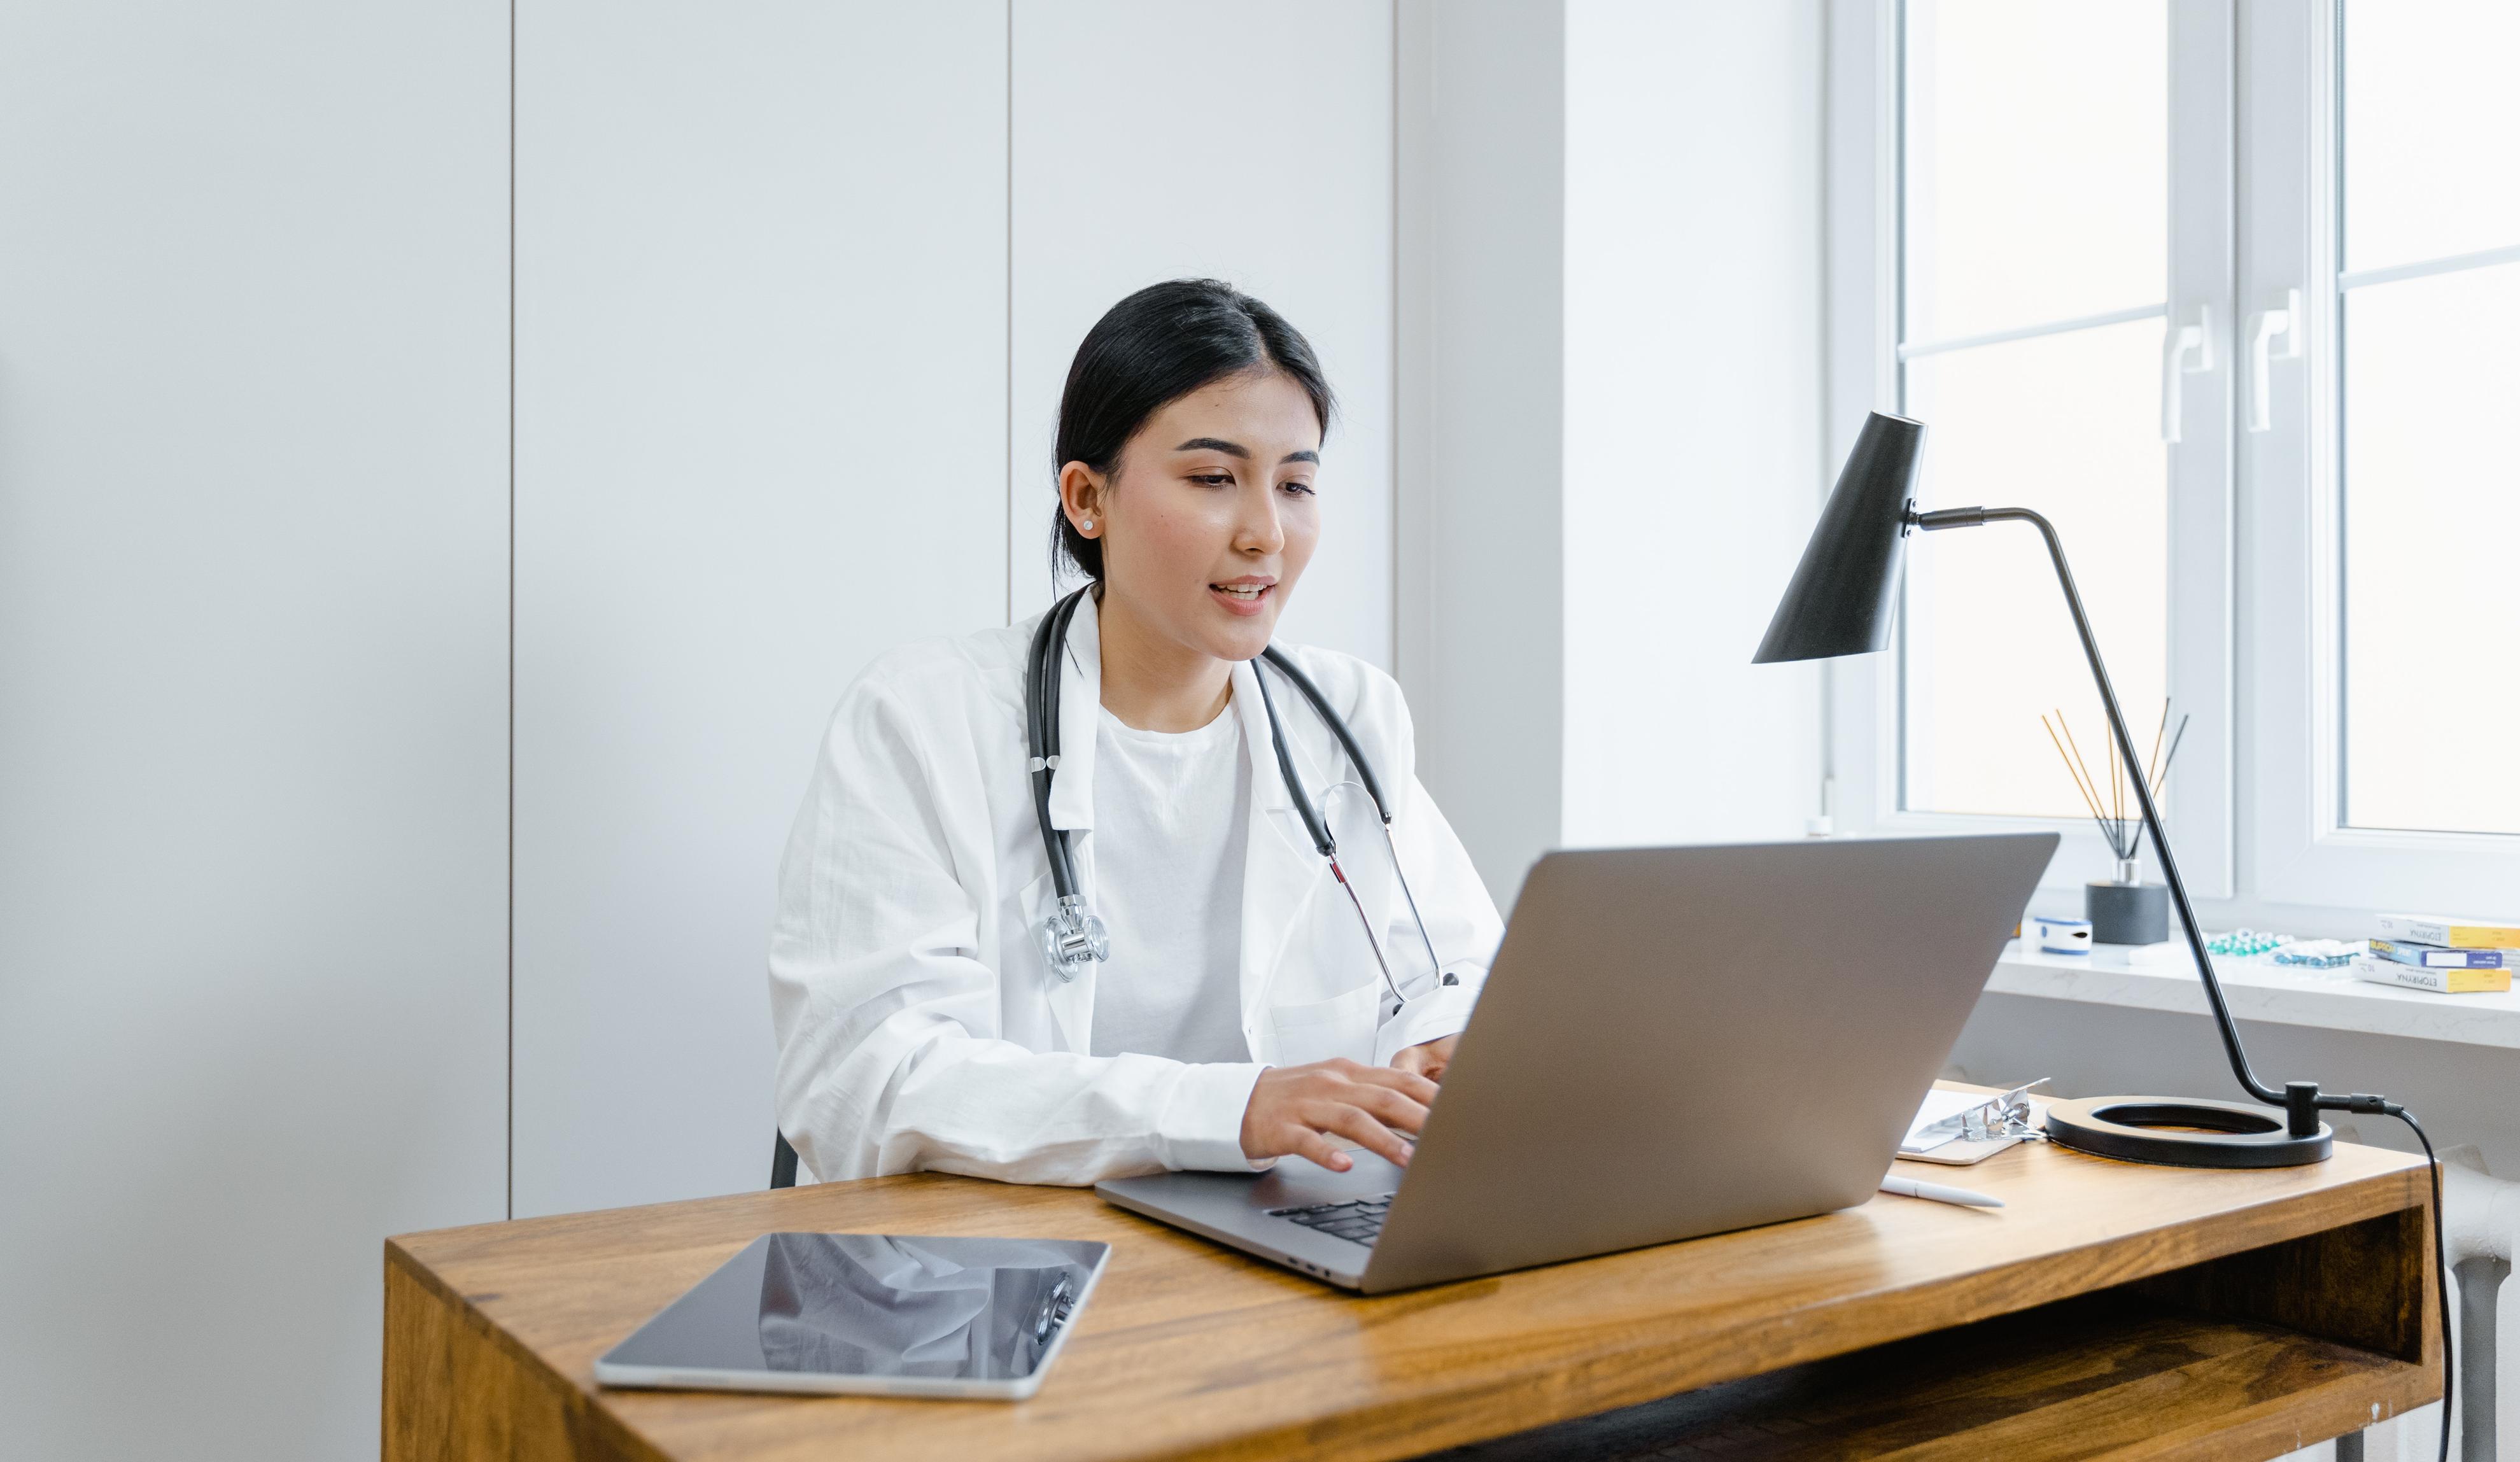 Telemedicina reduce el agotamiento en los doctores